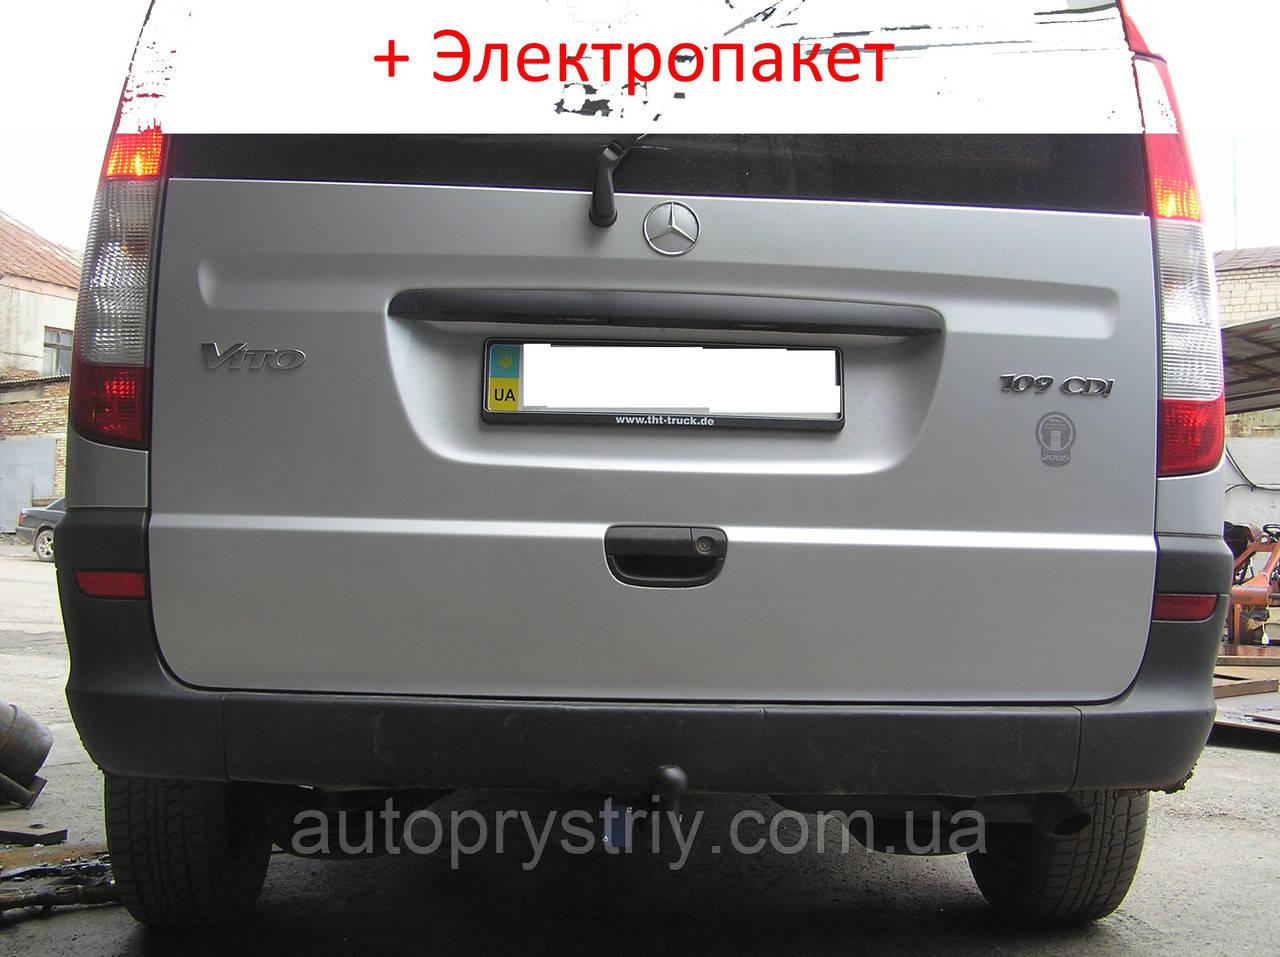 Фаркоп - Mercedes Vito Микроавтобус (2003-2010)